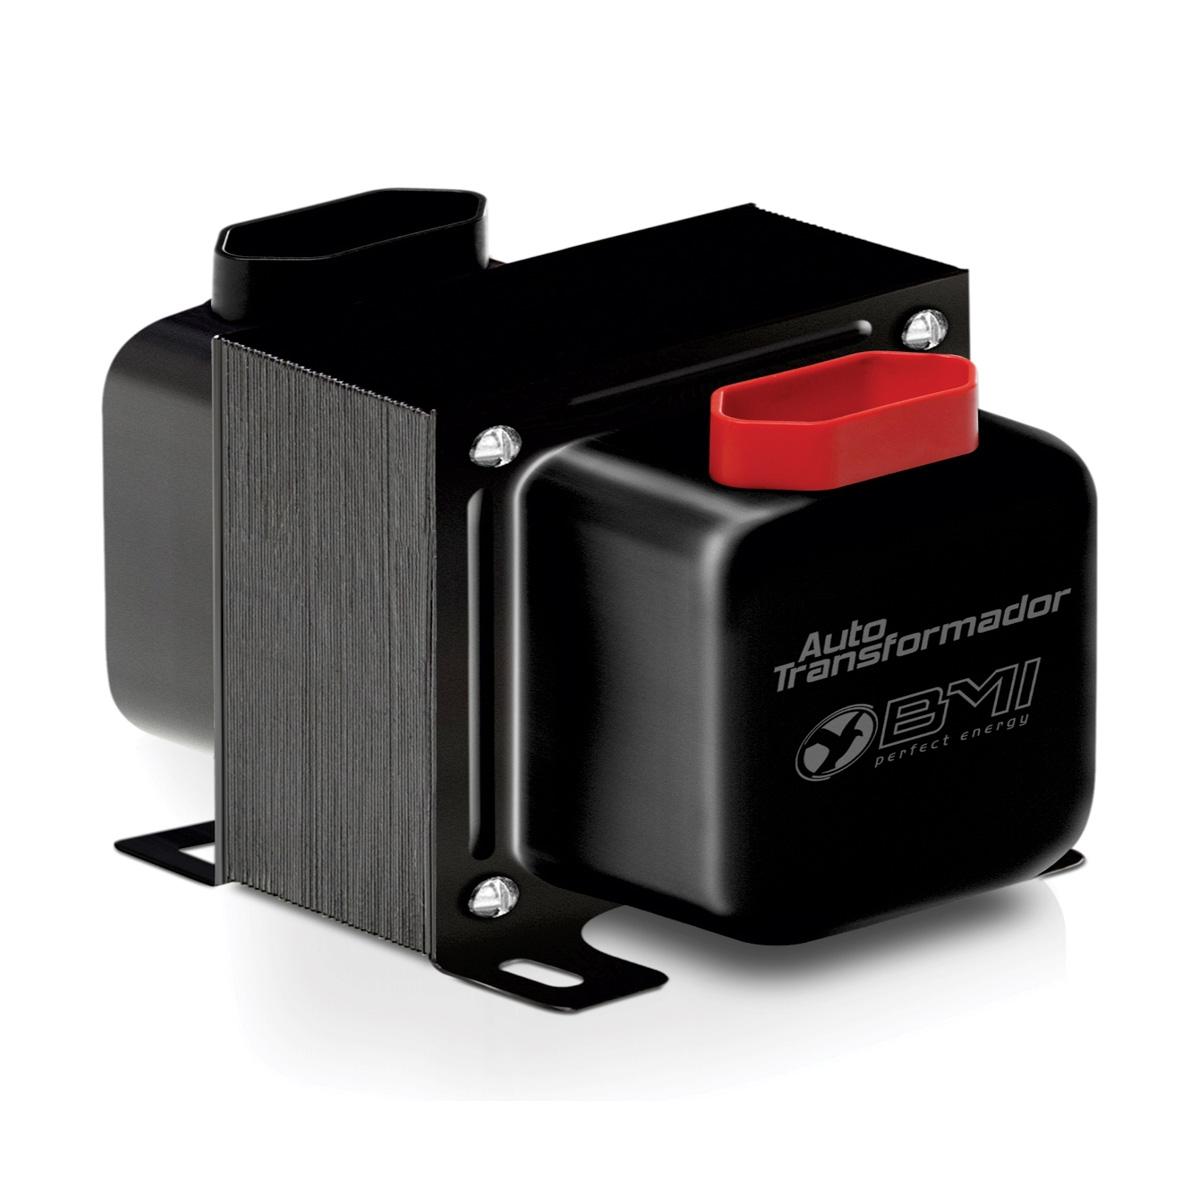 Auto Transformador BMI 1500VA 110V em 220V ou 220V em 110V - AT1500T